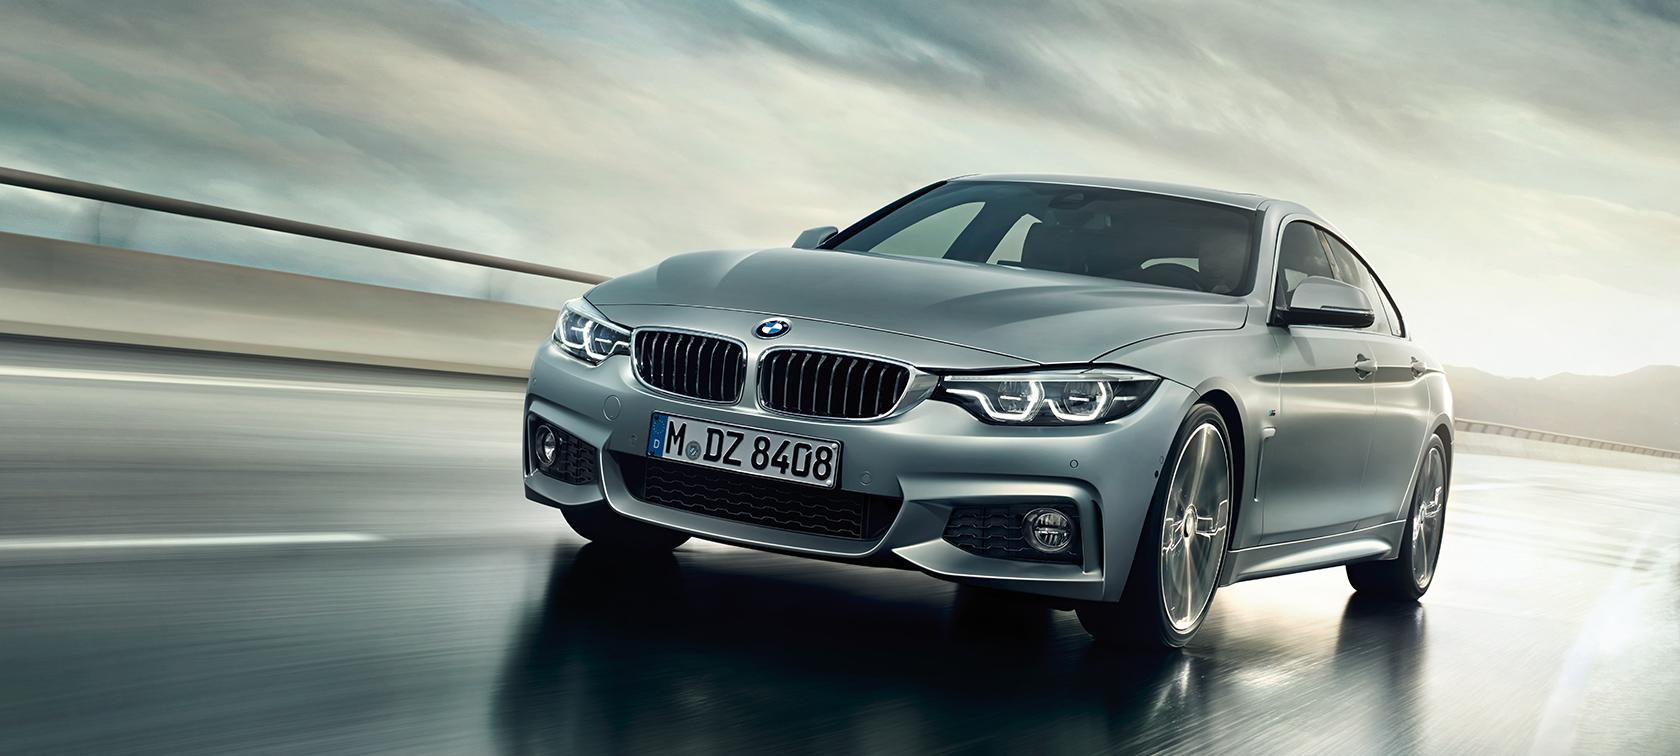 BMW: от авиамоторов к престижным автомобилям